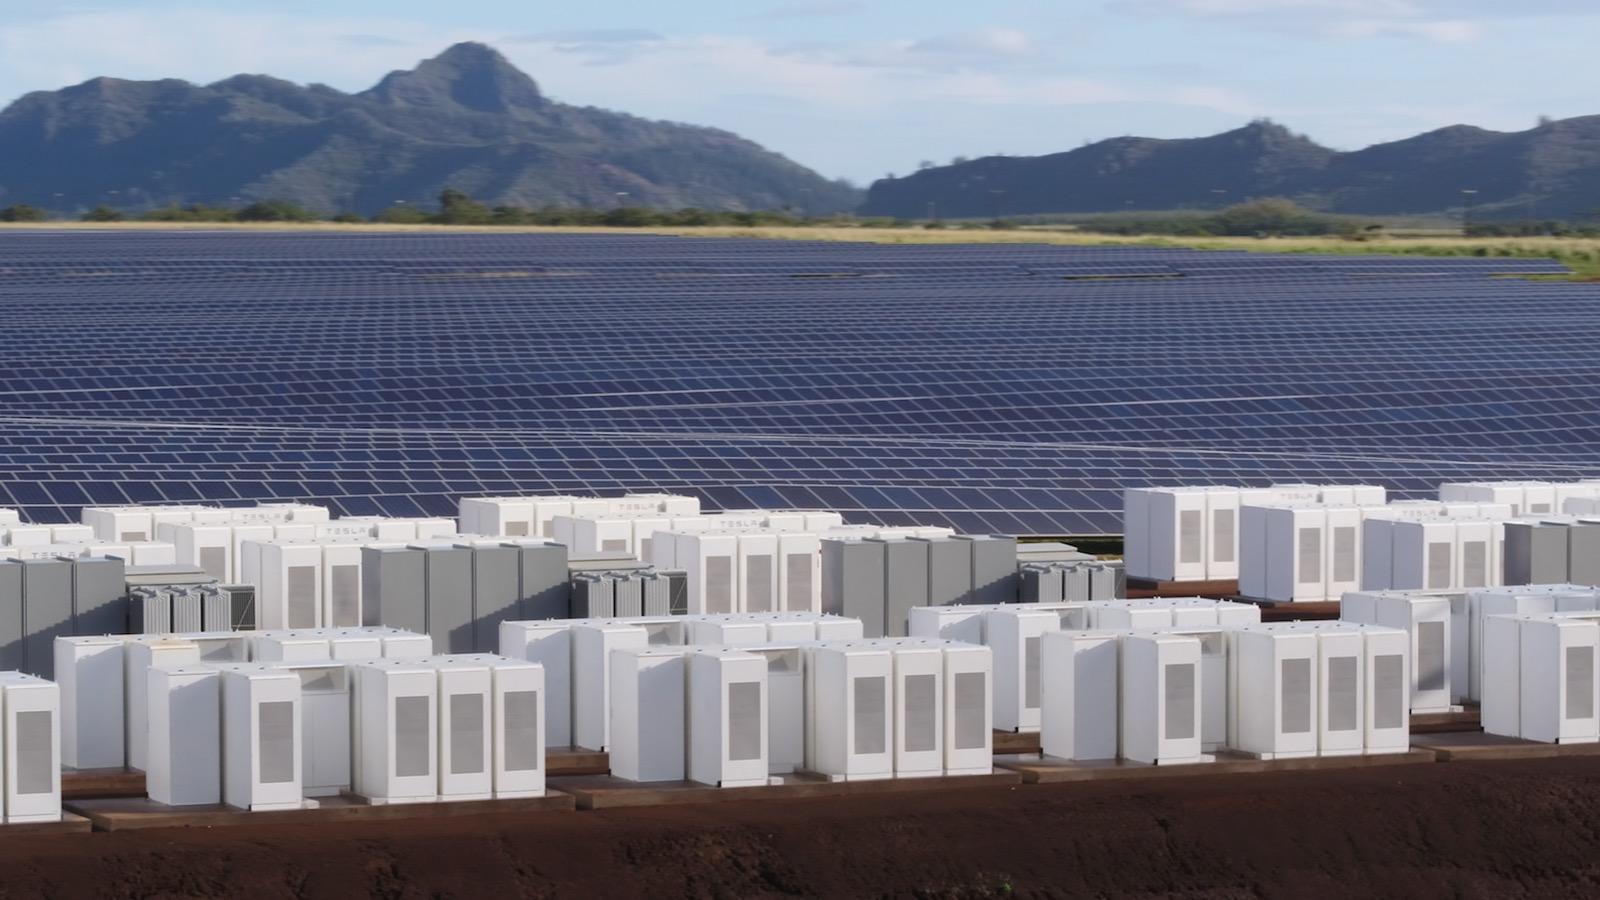 Các bộ Powerpacks trên đảo Kauai, Hawaii (Ảnh: Tesla)